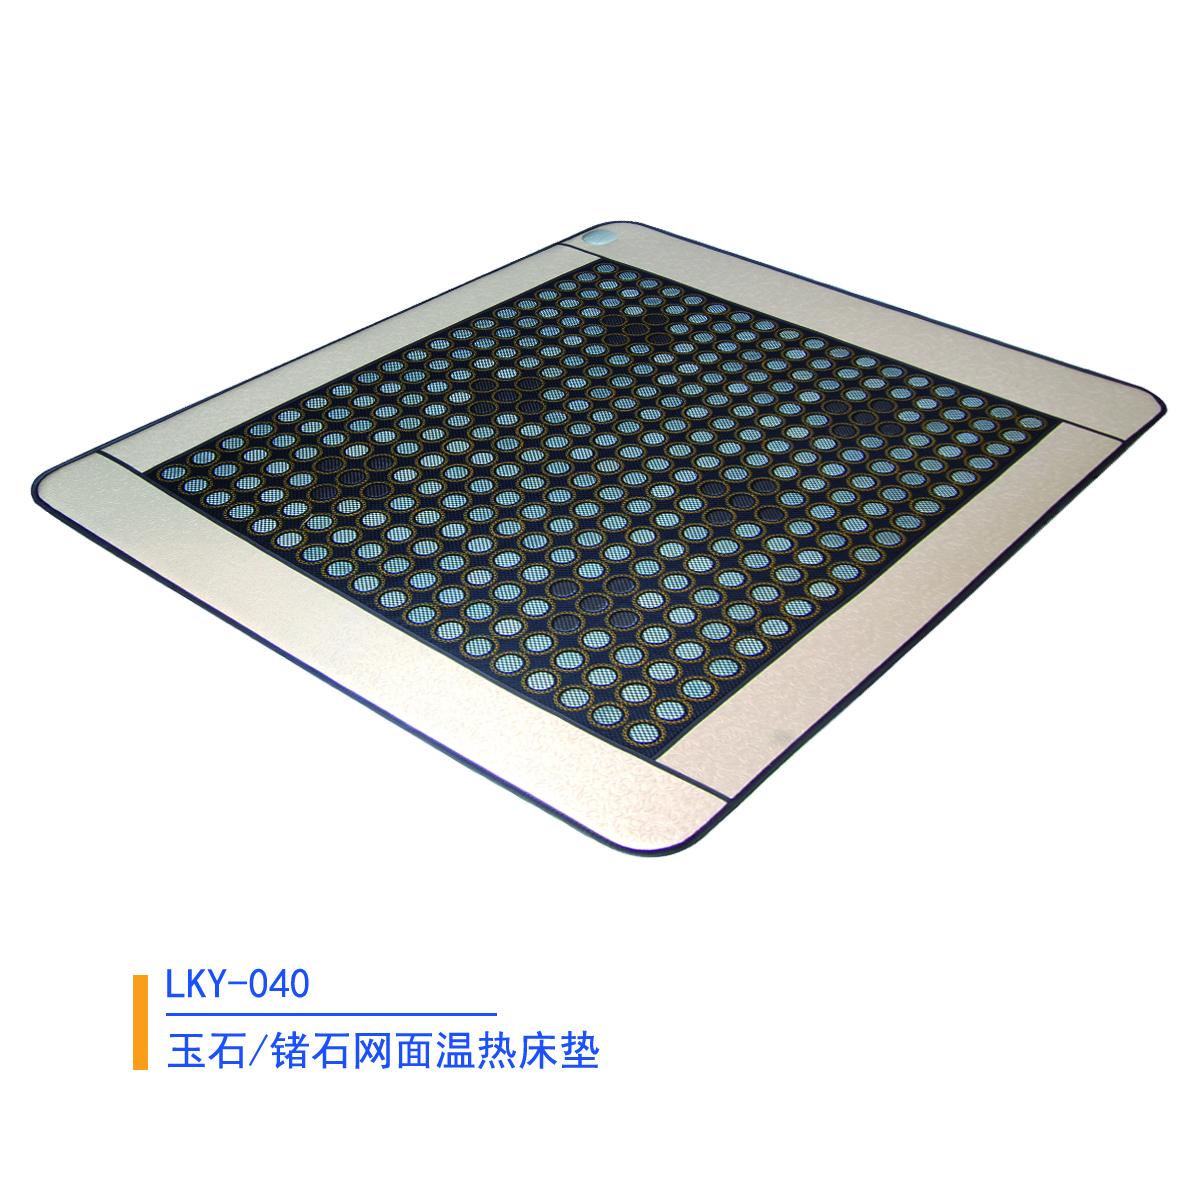 玉石锗石网面温热床垫040